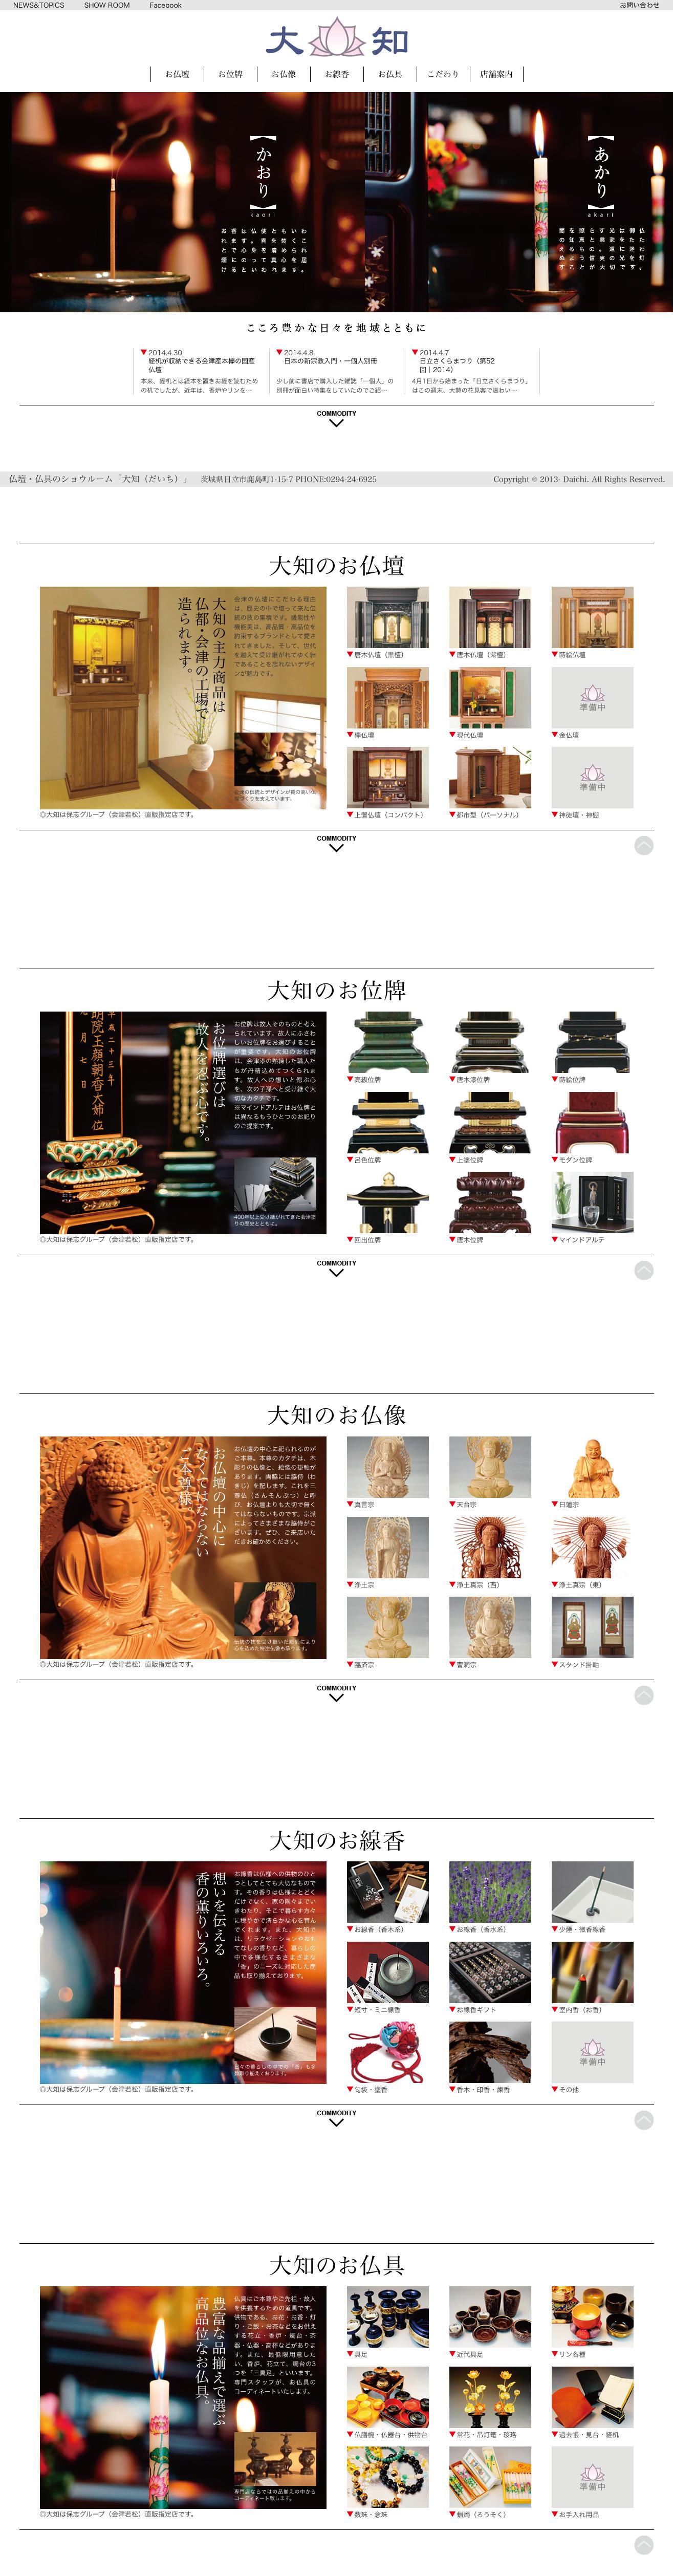 大知 Http Www Butsudan Daichi Jp 仏壇 仏具のショウルーム 大知 だいち 様 Webデザイン 仏具 インテリア 家具